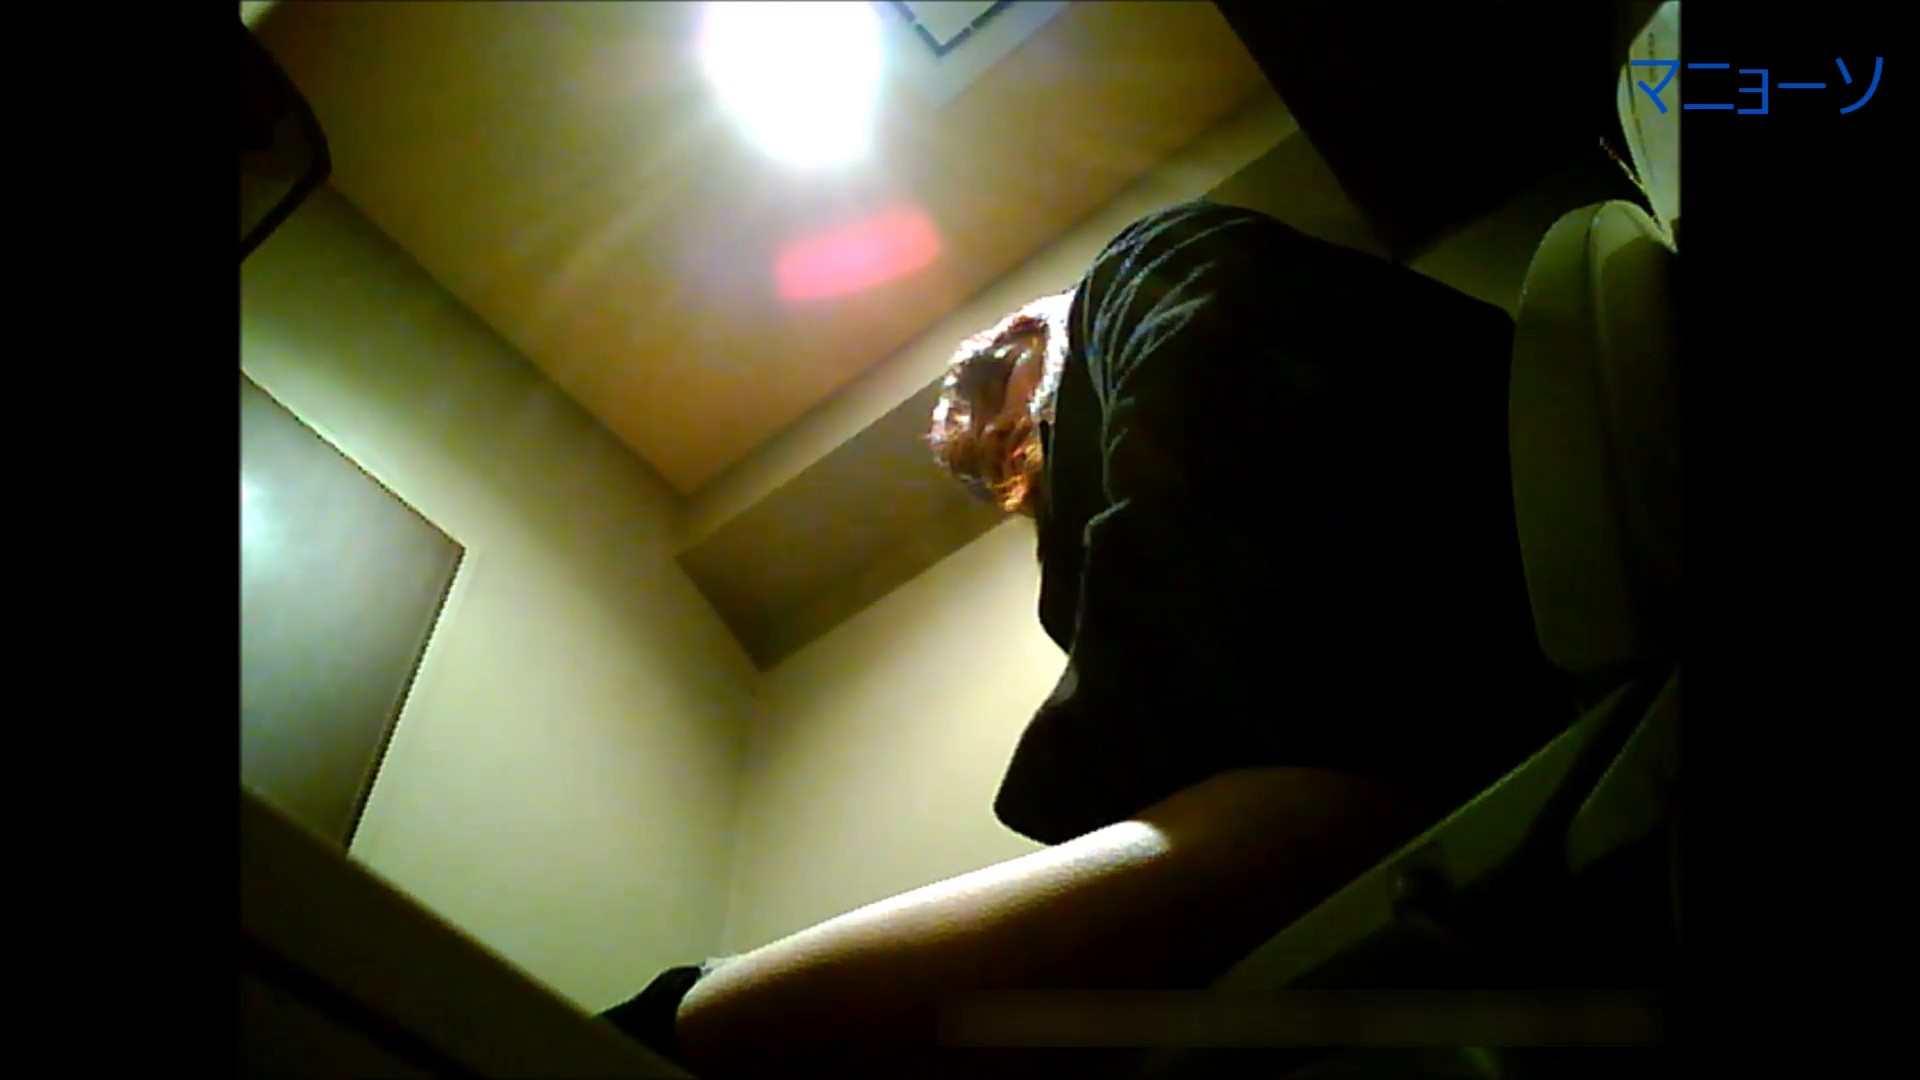 トイレでひと肌脱いでもらいました (OL編)Vol.06 お姉さん  76PIX 10